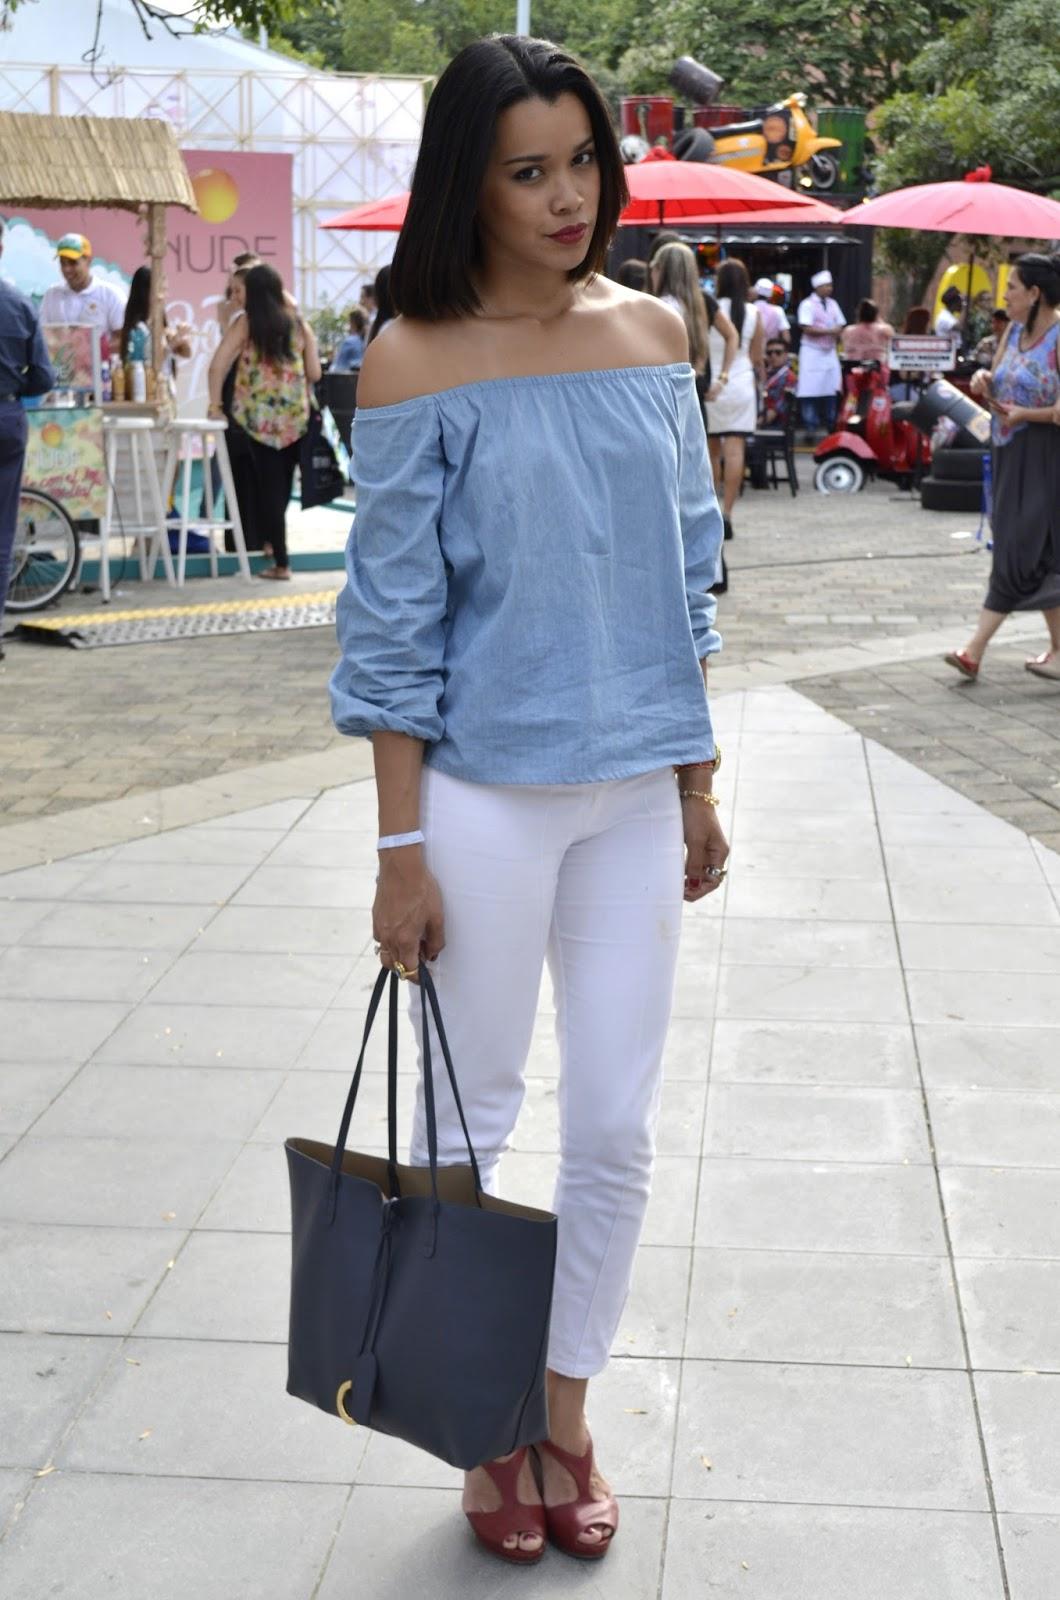 Chava de falda azul se dio cuenta y le gusto - 2 part 1